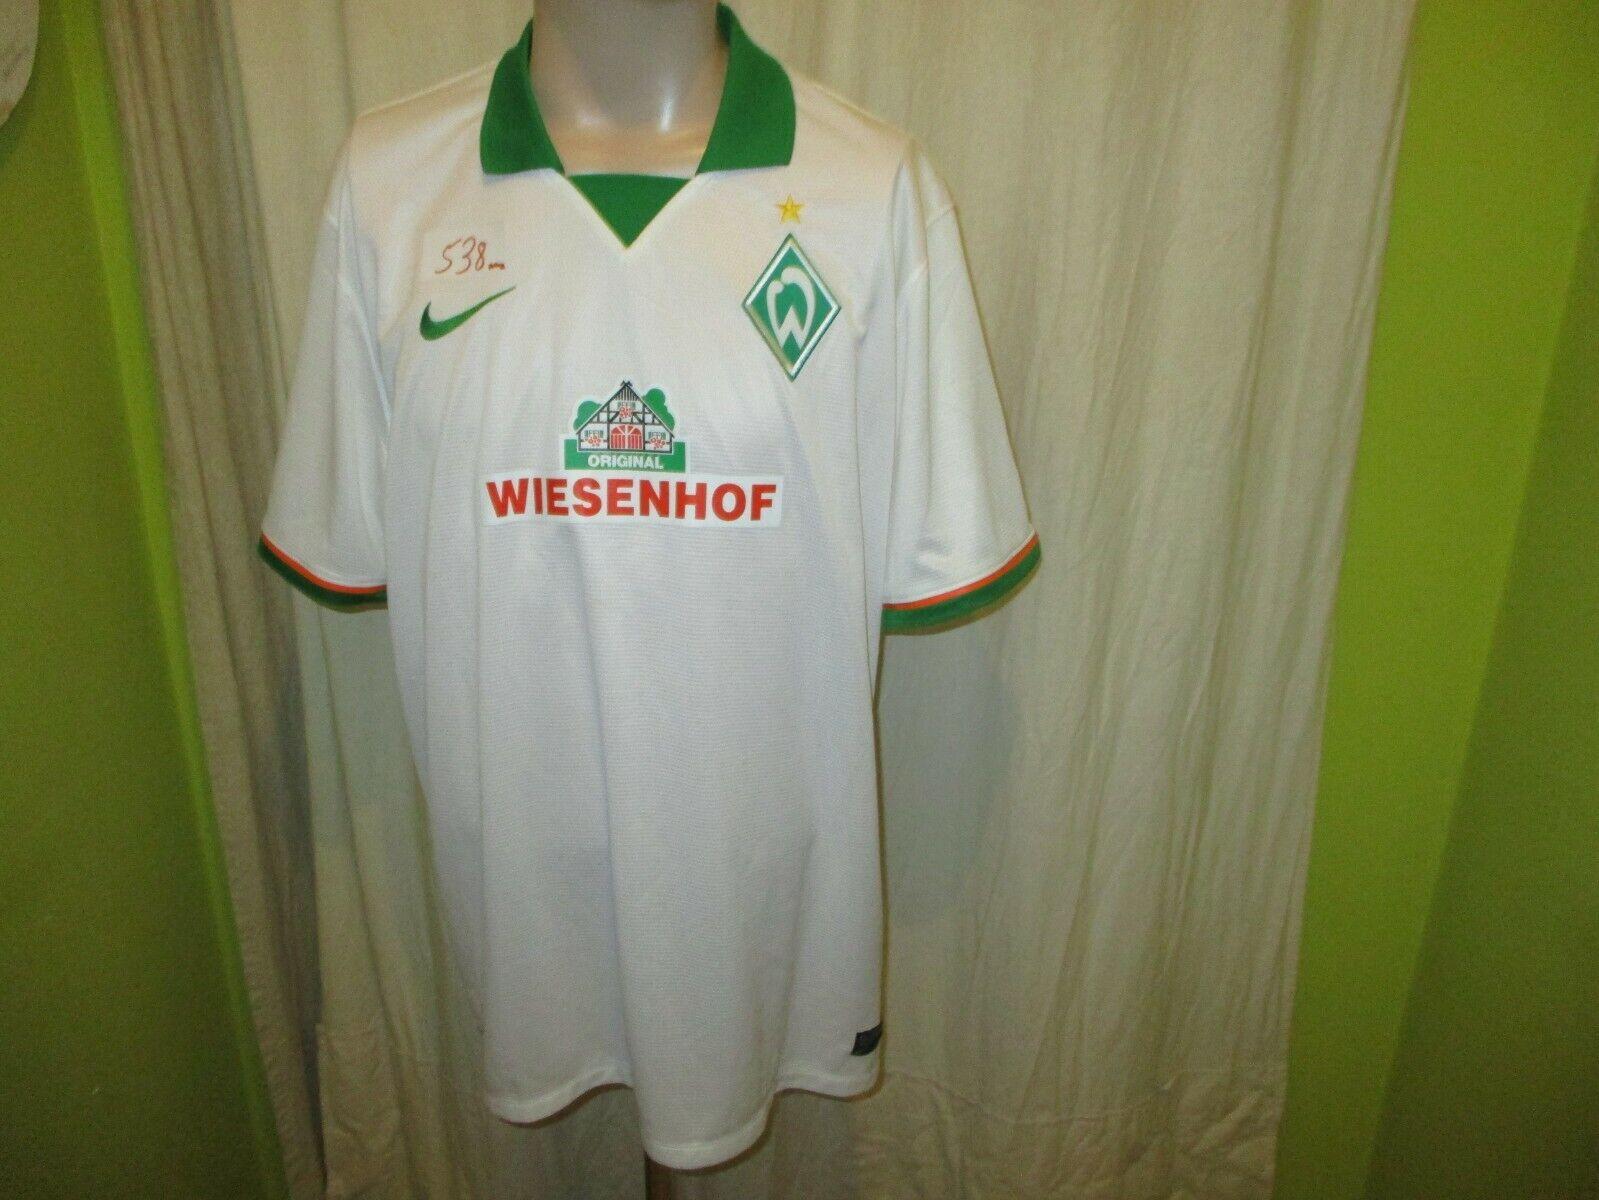 Werder Bremen Original Nike Auswärts Trikot 2014 15  WIESENHOF  Gr.XXL Neu